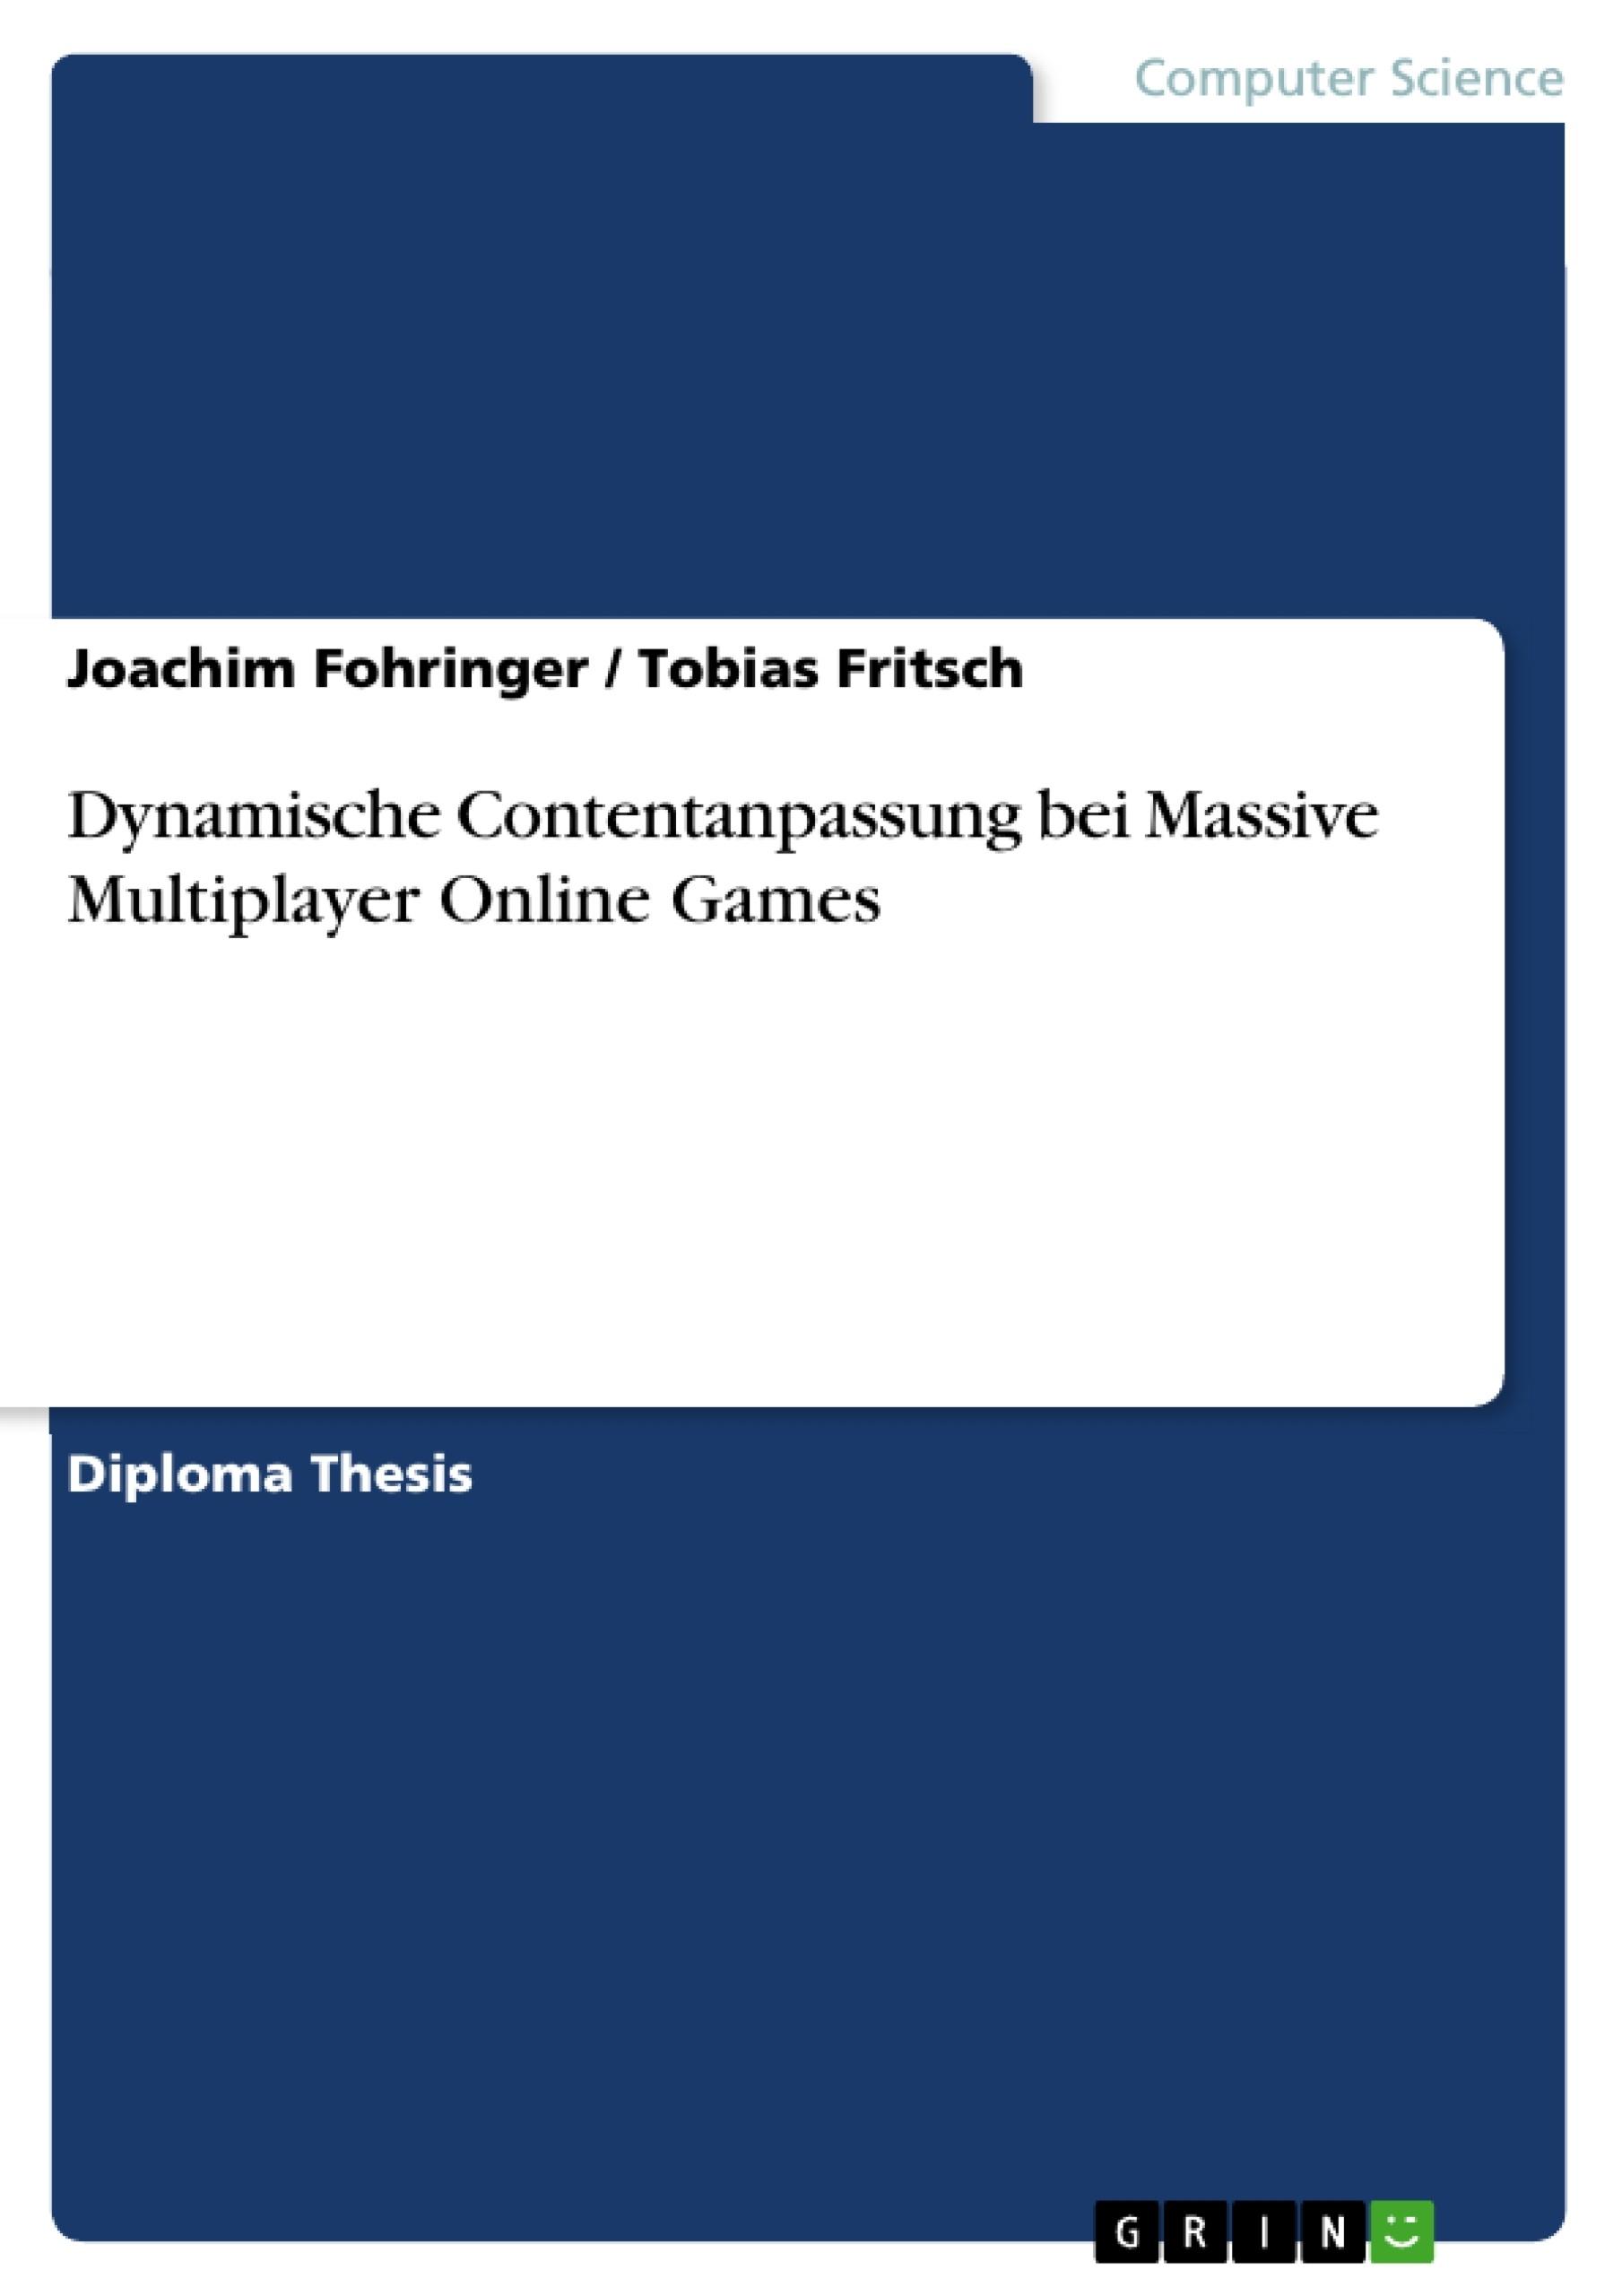 GRIN - Dynamische Contentanpassung bei Massive Multiplayer Online Games